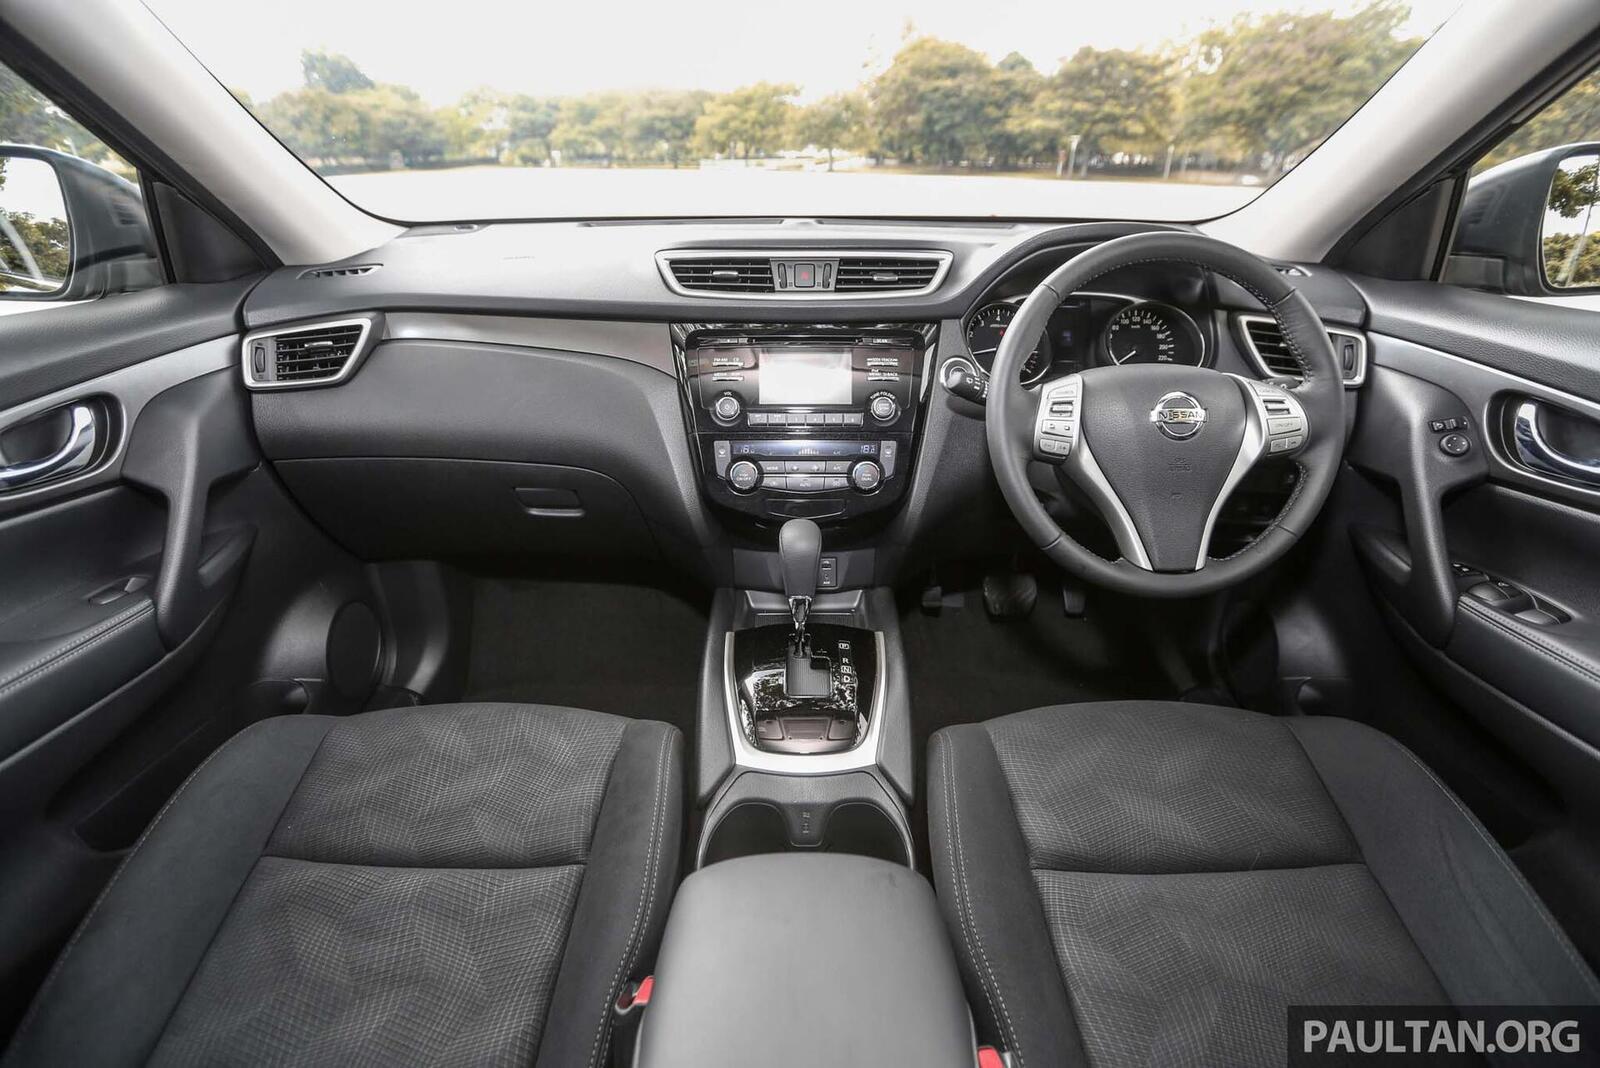 Sự khác biệt giữa Nissan X-Trail phiên bản nâng cấp facelift mới và cũ - Hình 11